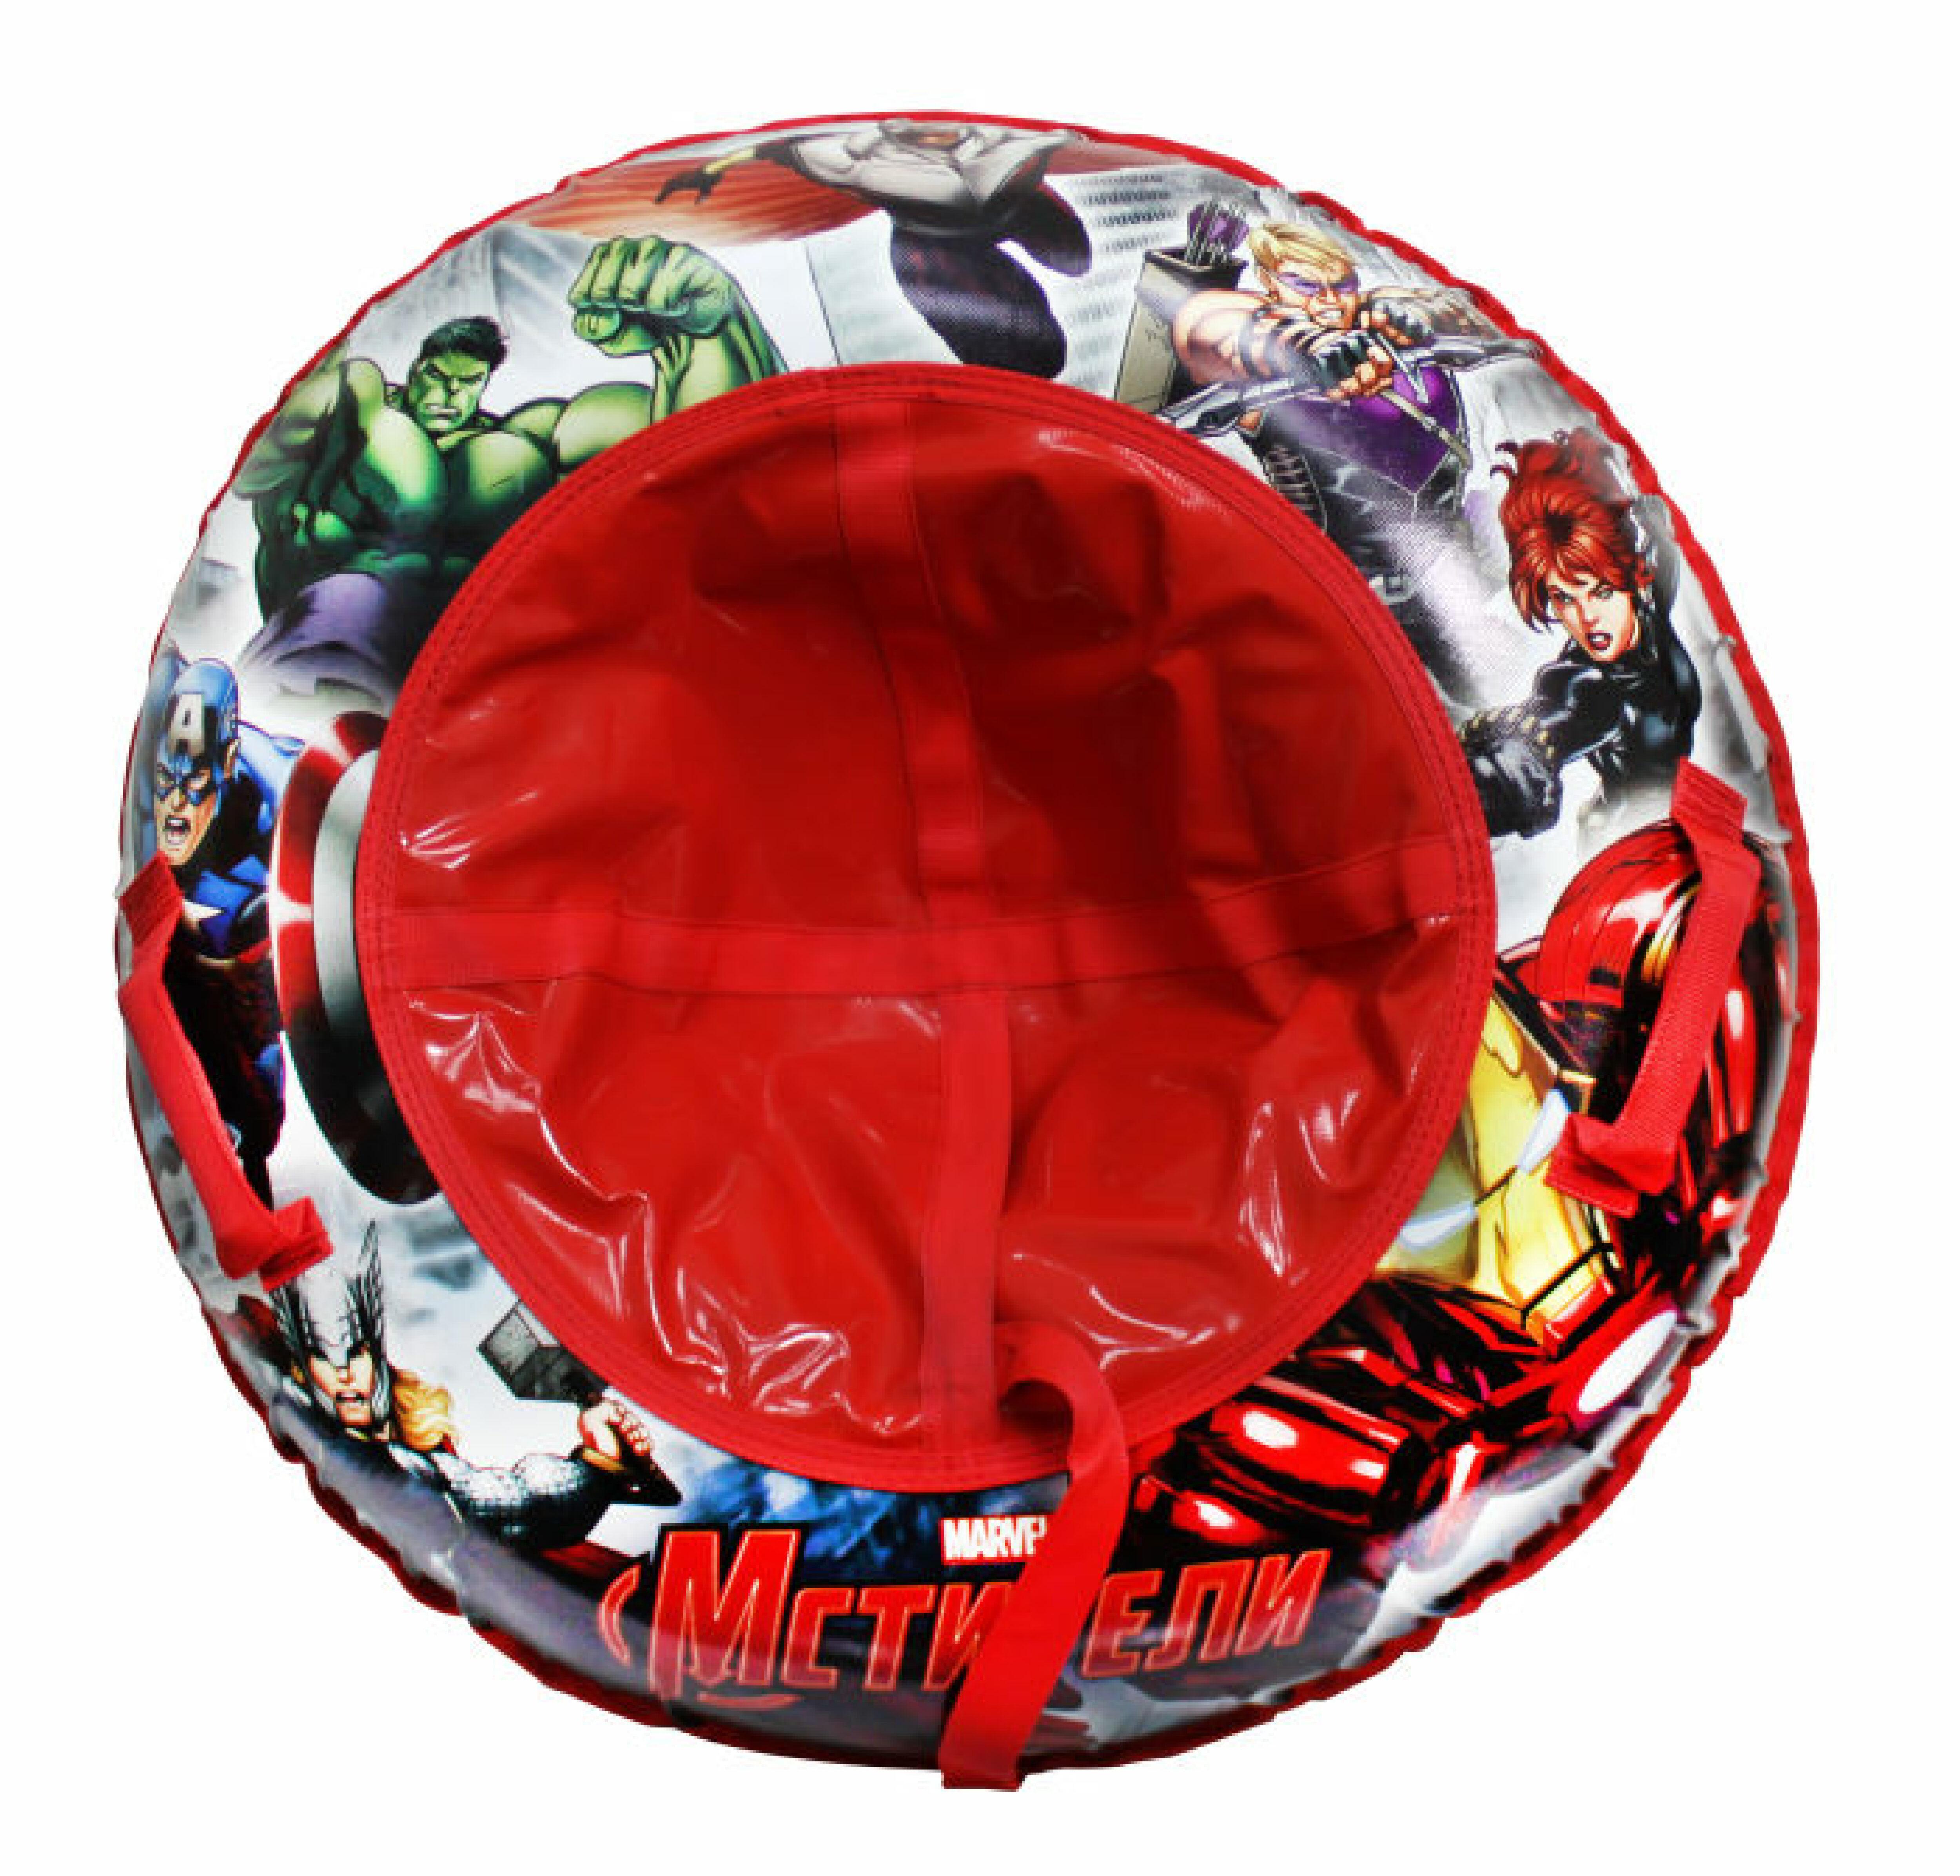 Мстители тюбинг Disney Т59056